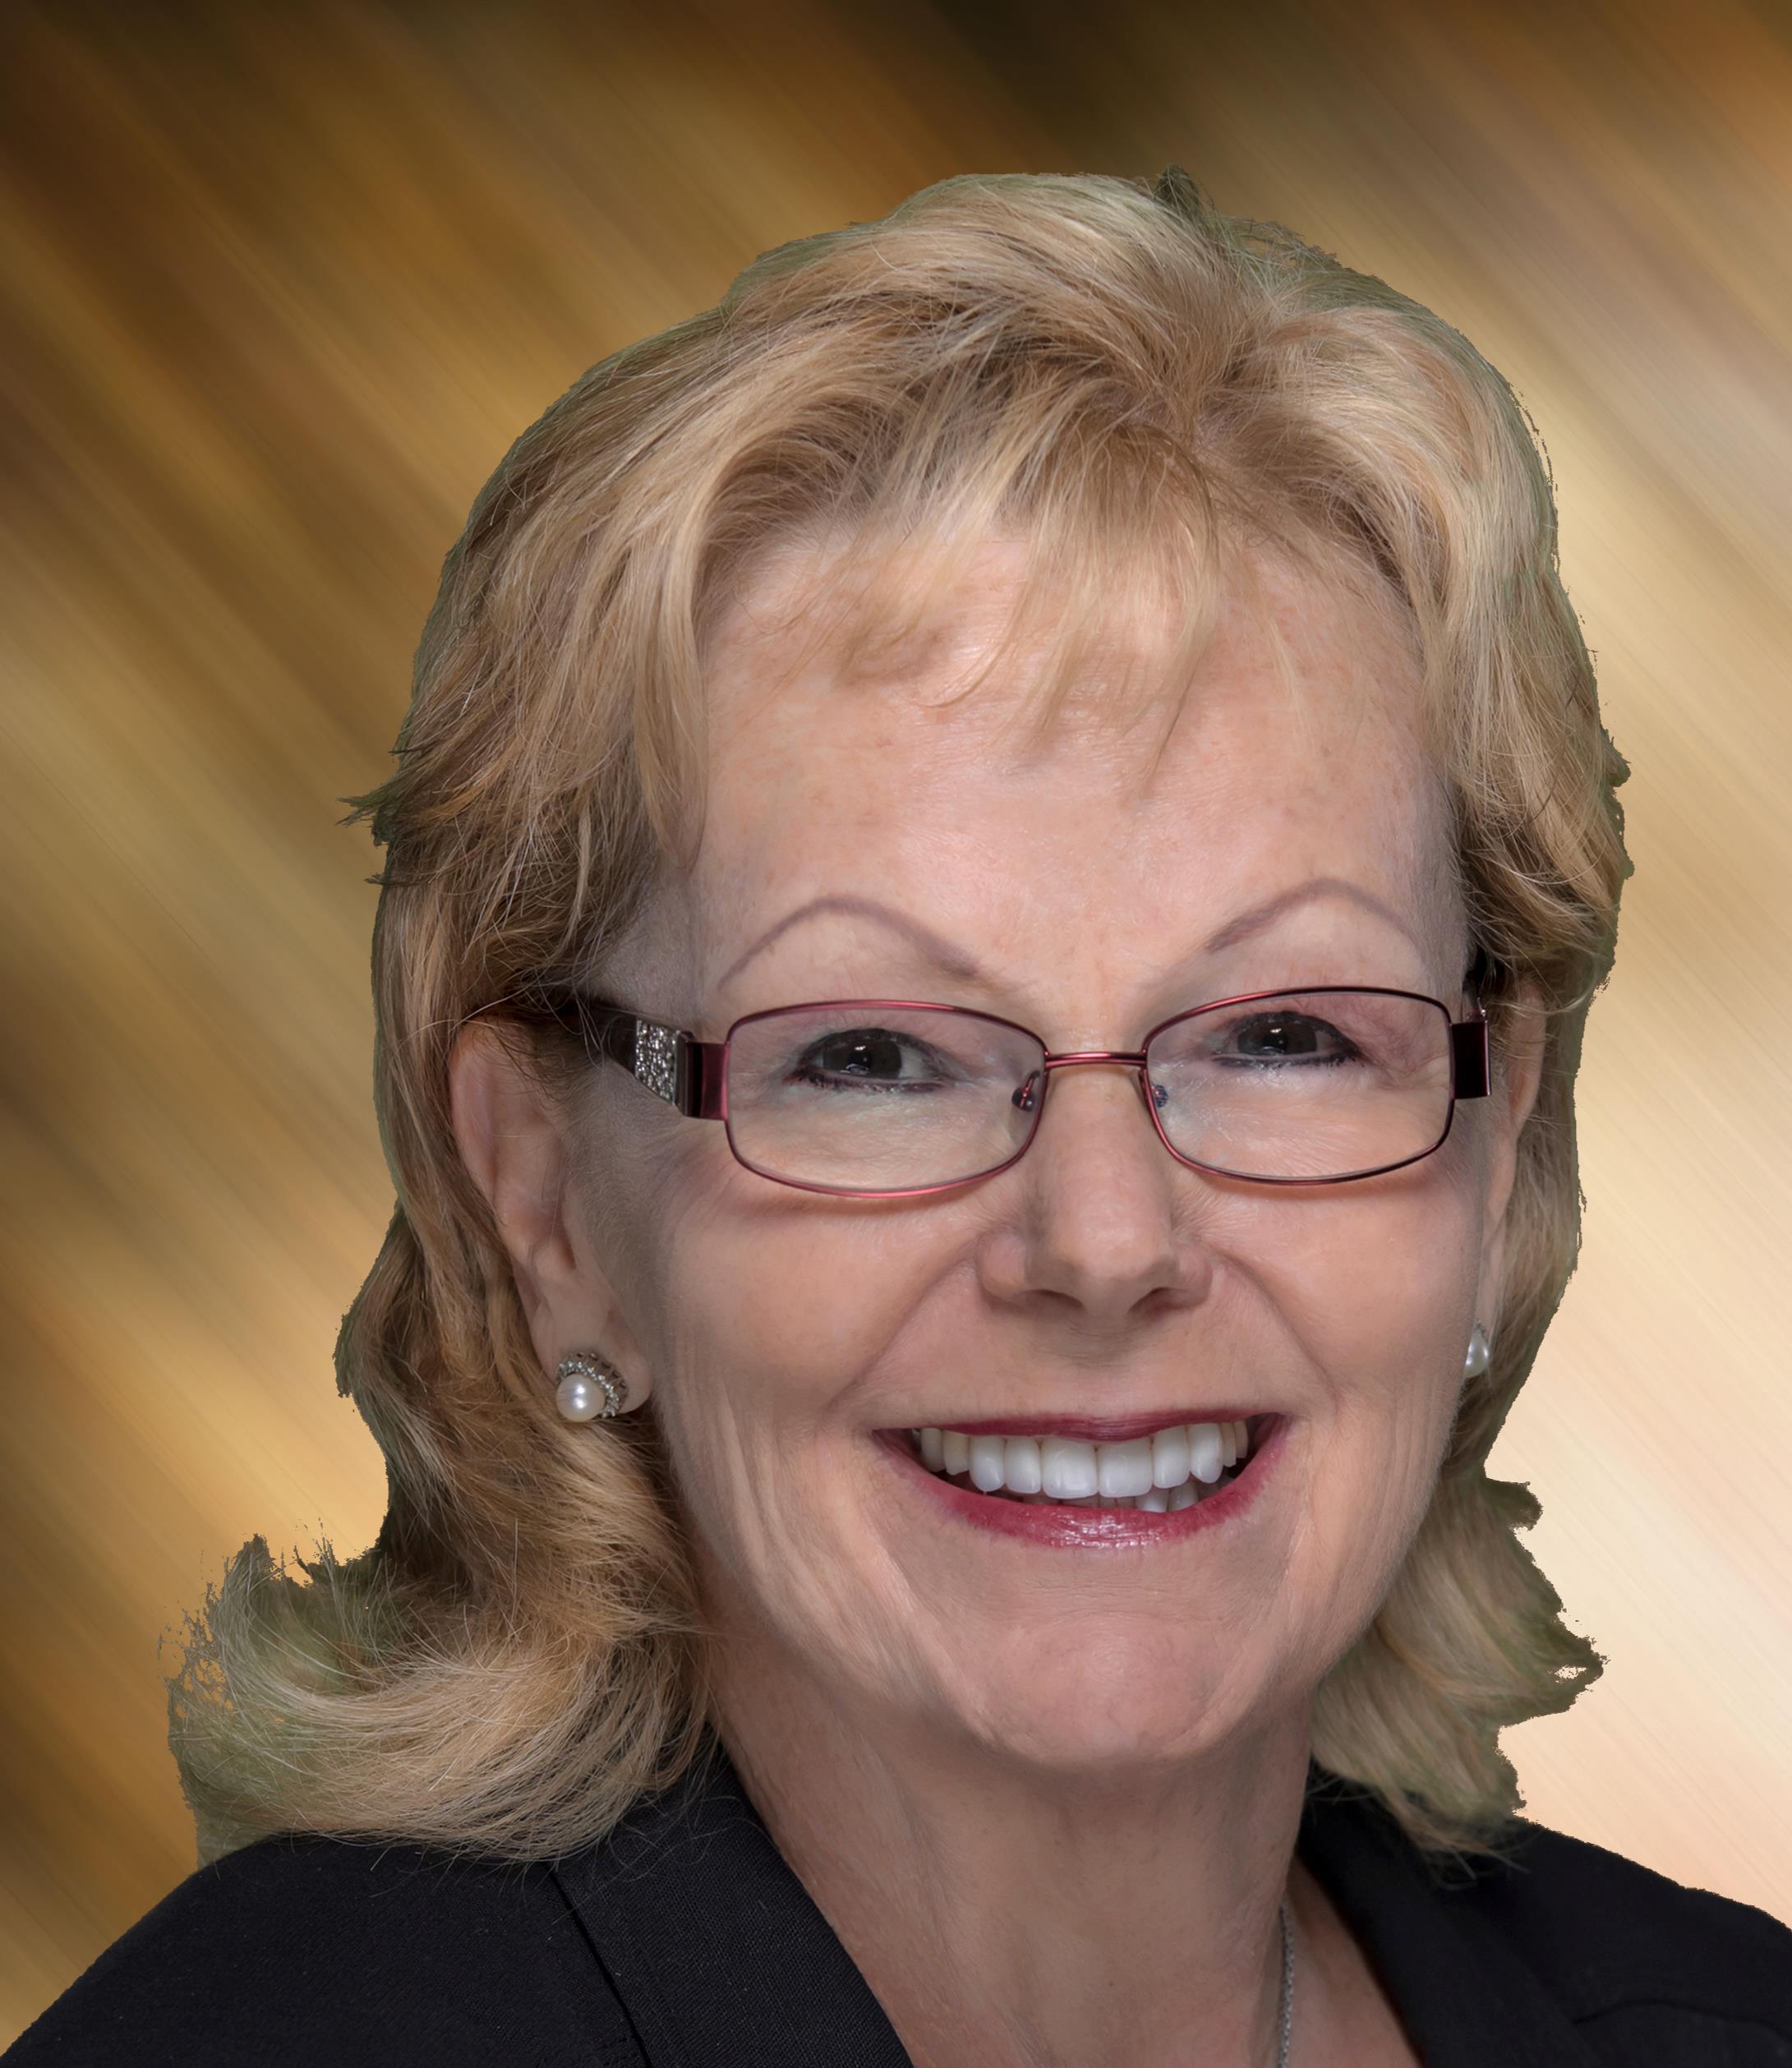 Judy Guest